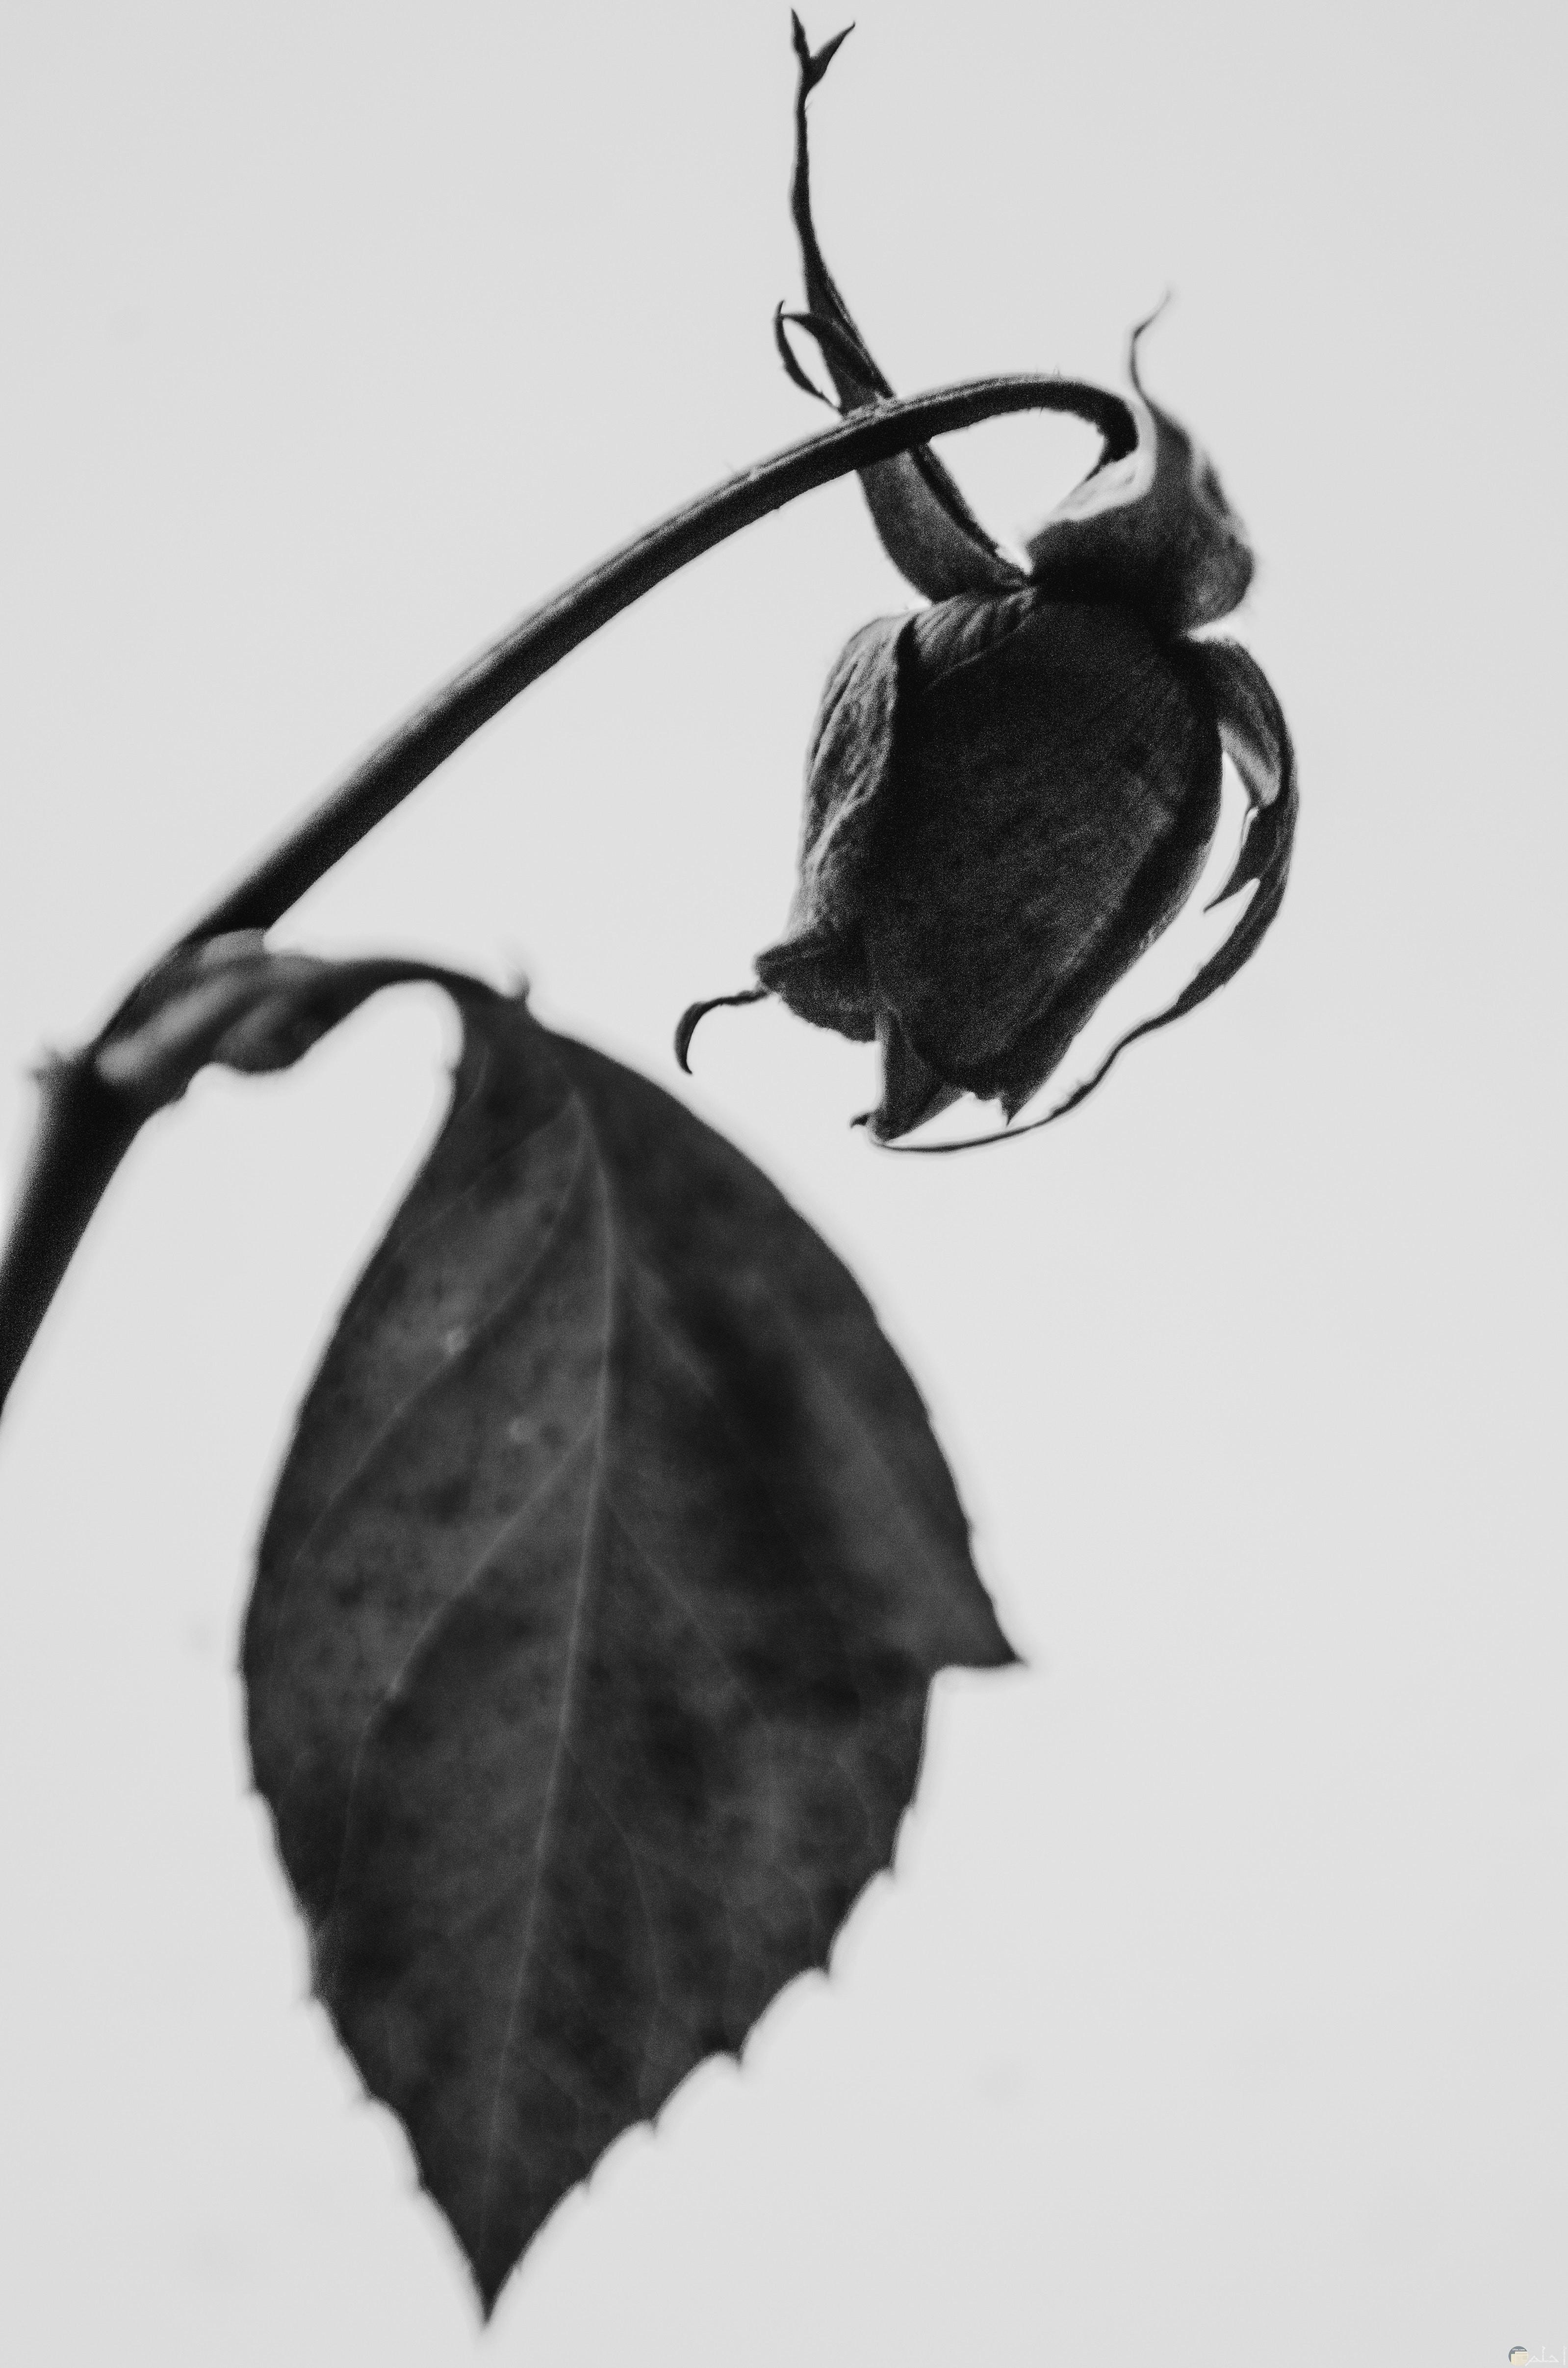 صورة وردة بالون الأسود